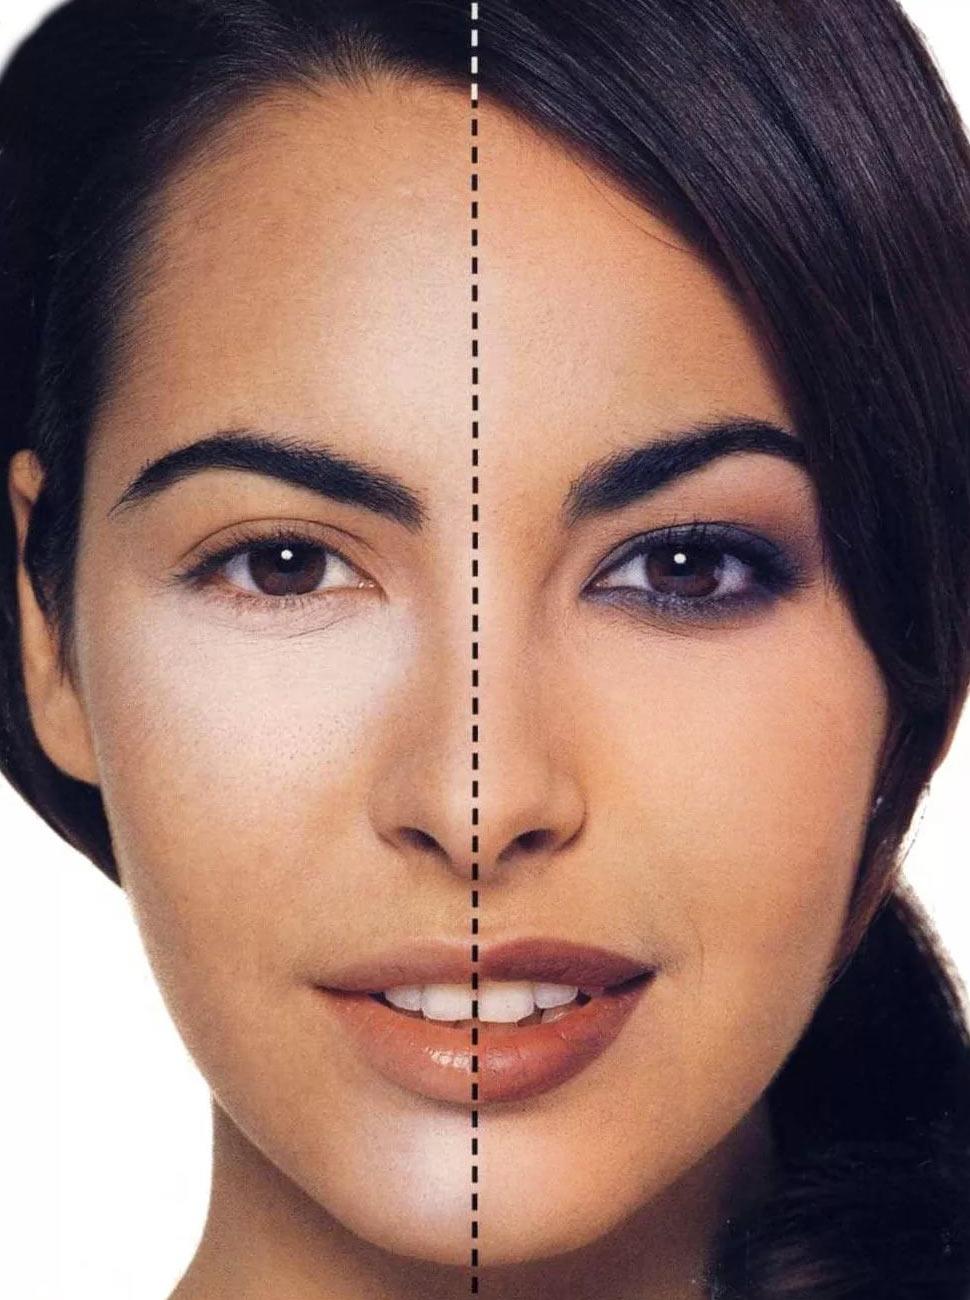 Как сделать макияж невидимый